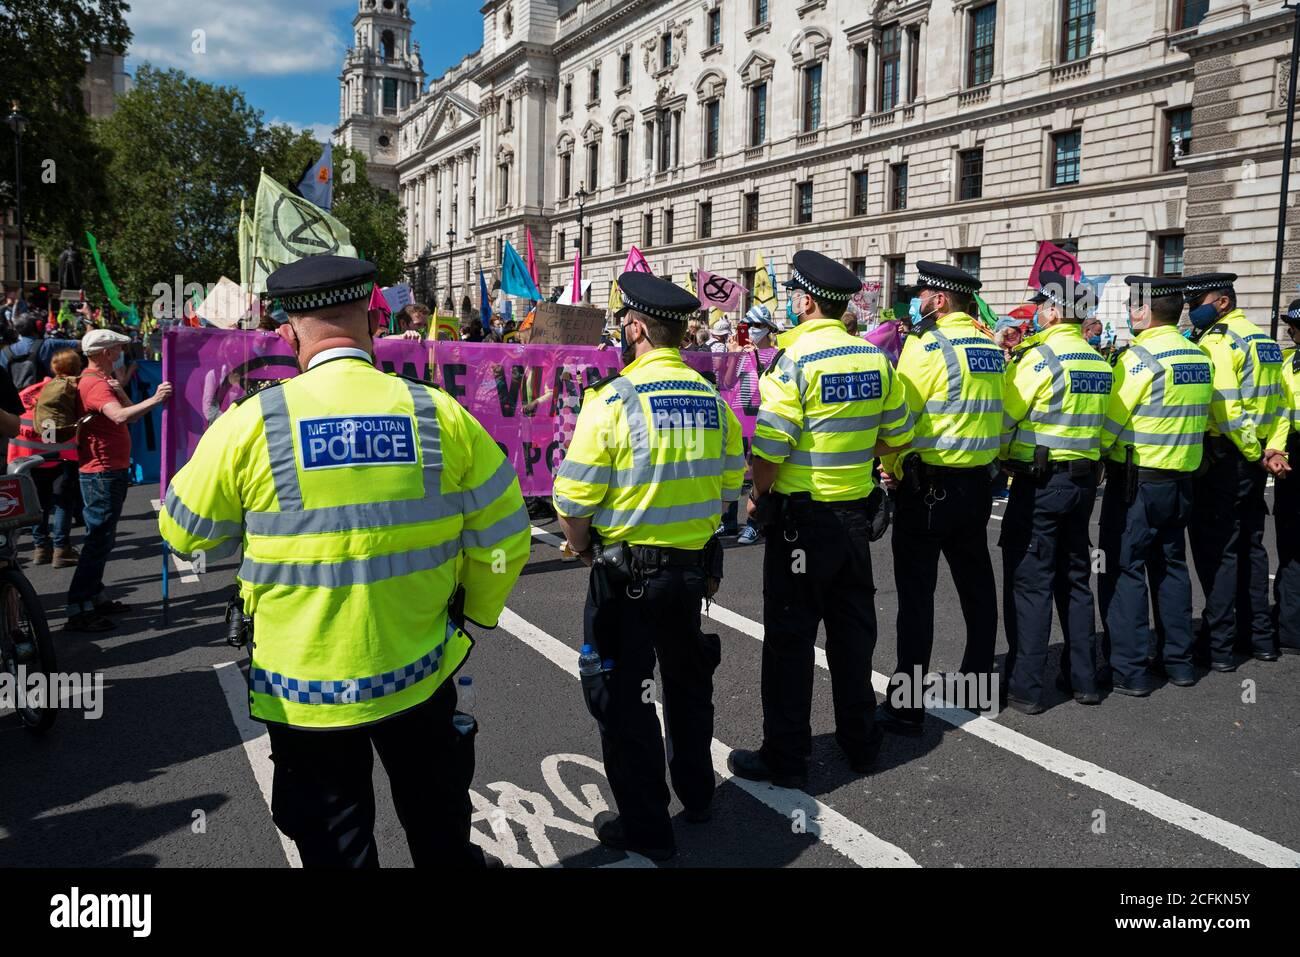 Westminster, Londra, Regno Unito. 1 Settembre 2020. La ribellione Extinction di Londra protesta, prima di 10 giorni di azioni pianificate per il cambiamento climatico. I precedenti manifestanti XR avevano marciato con cartelli e striscioni da Trafalgar Square e occupato la Piazza del Parlamento e le strade che la circondano. I manifestanti chiedevano al Parlamento di sostenere il progetto di legge sull'emergenza ecologica e sul clima (legge CEE). Con l'avanzare del tempo, la polizia metropolitana si è arrestata, cancellando l'area davanti al Parlamento, e alcuni manifestanti hanno iniziato a lasciare. Sono state previste proteste multiple in tutto il Regno Unito. Credito: Stephen Bell/Alamy Foto Stock